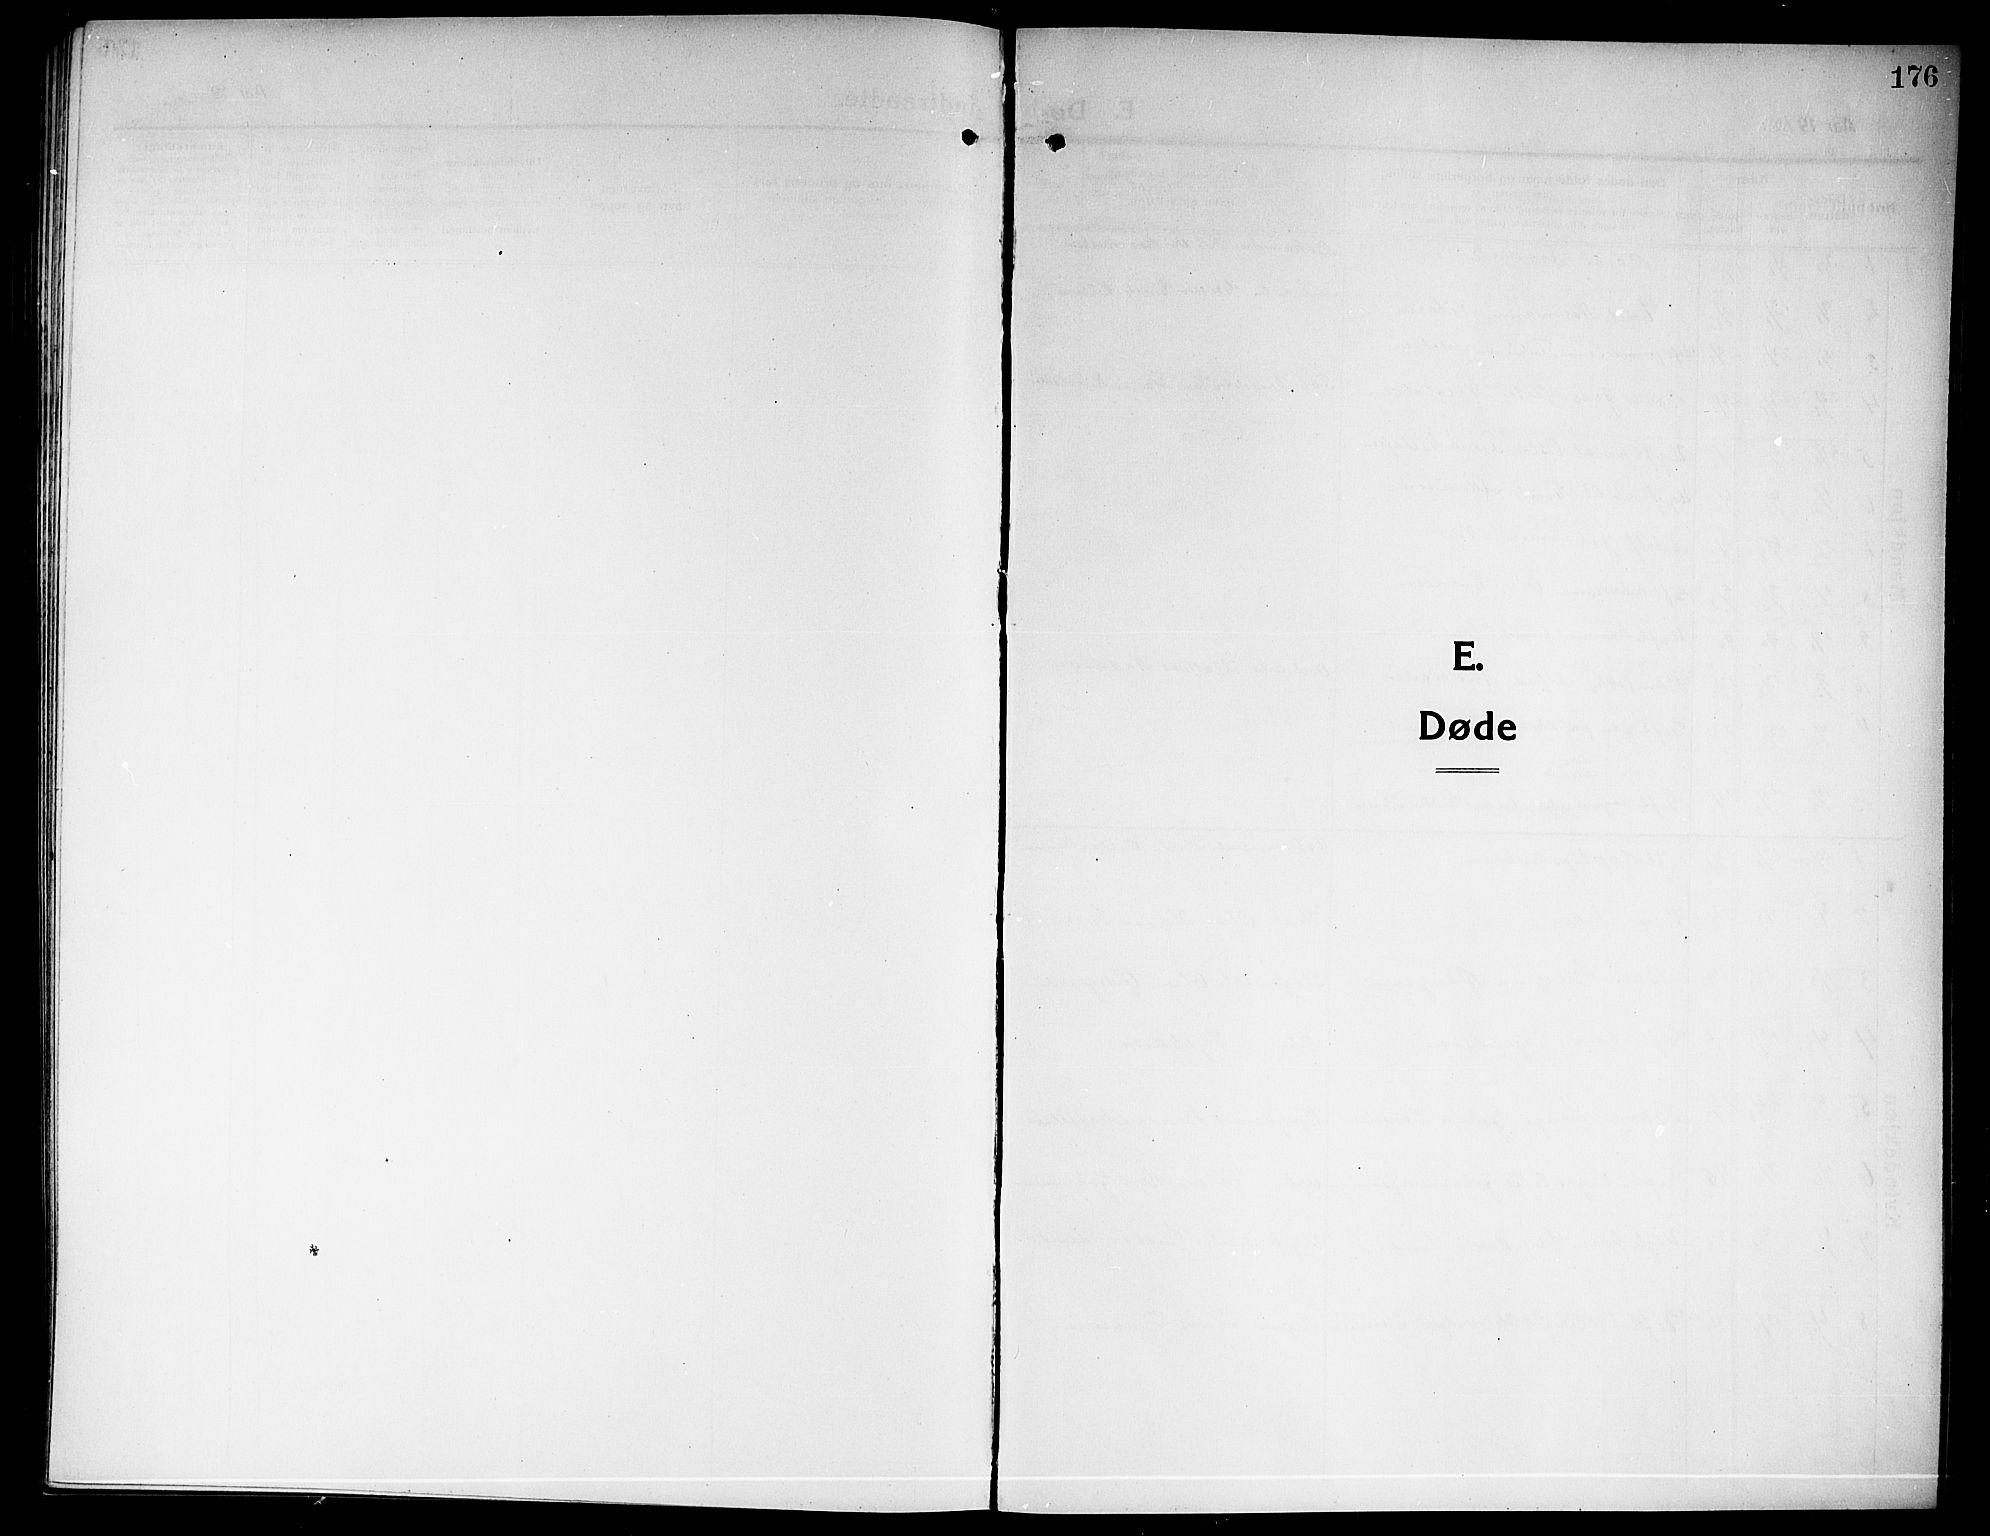 SAKO, Rjukan kirkebøker, G/Ga/L0002: Klokkerbok nr. 2, 1913-1920, s. 176